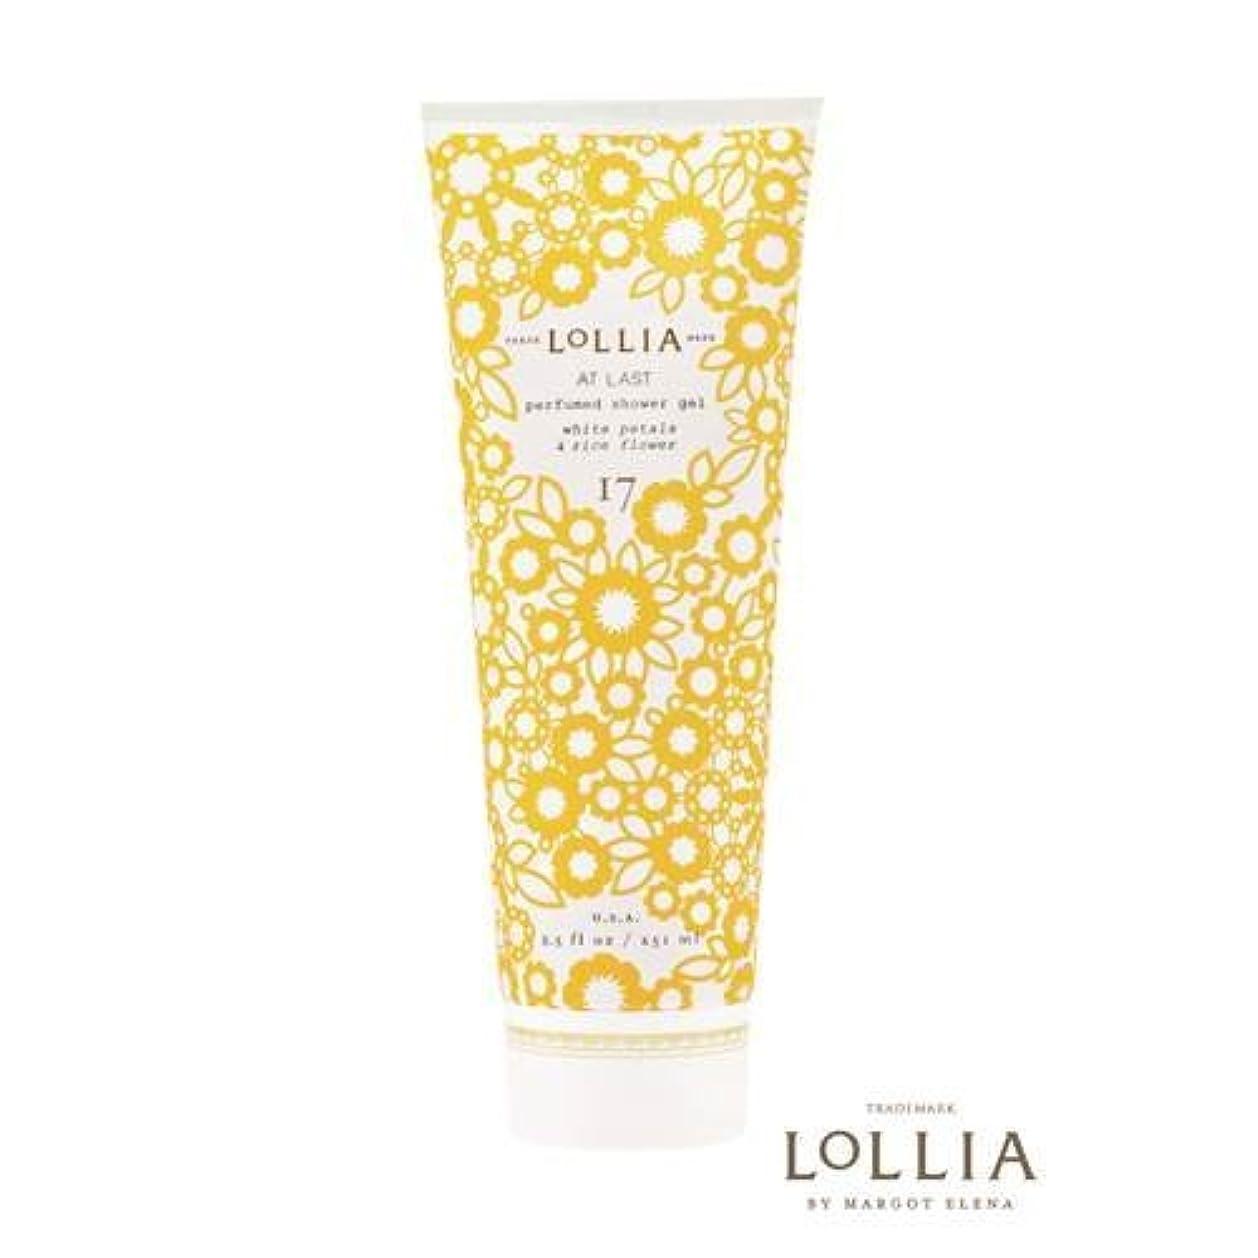 たらい半島乏しいロリア(LoLLIA) パフュームドシャワージェル AtLast 251ml(全身用洗浄料 ボディーソープ ライスフラワー、マグノリアとミモザの柔らかな花々の香り)